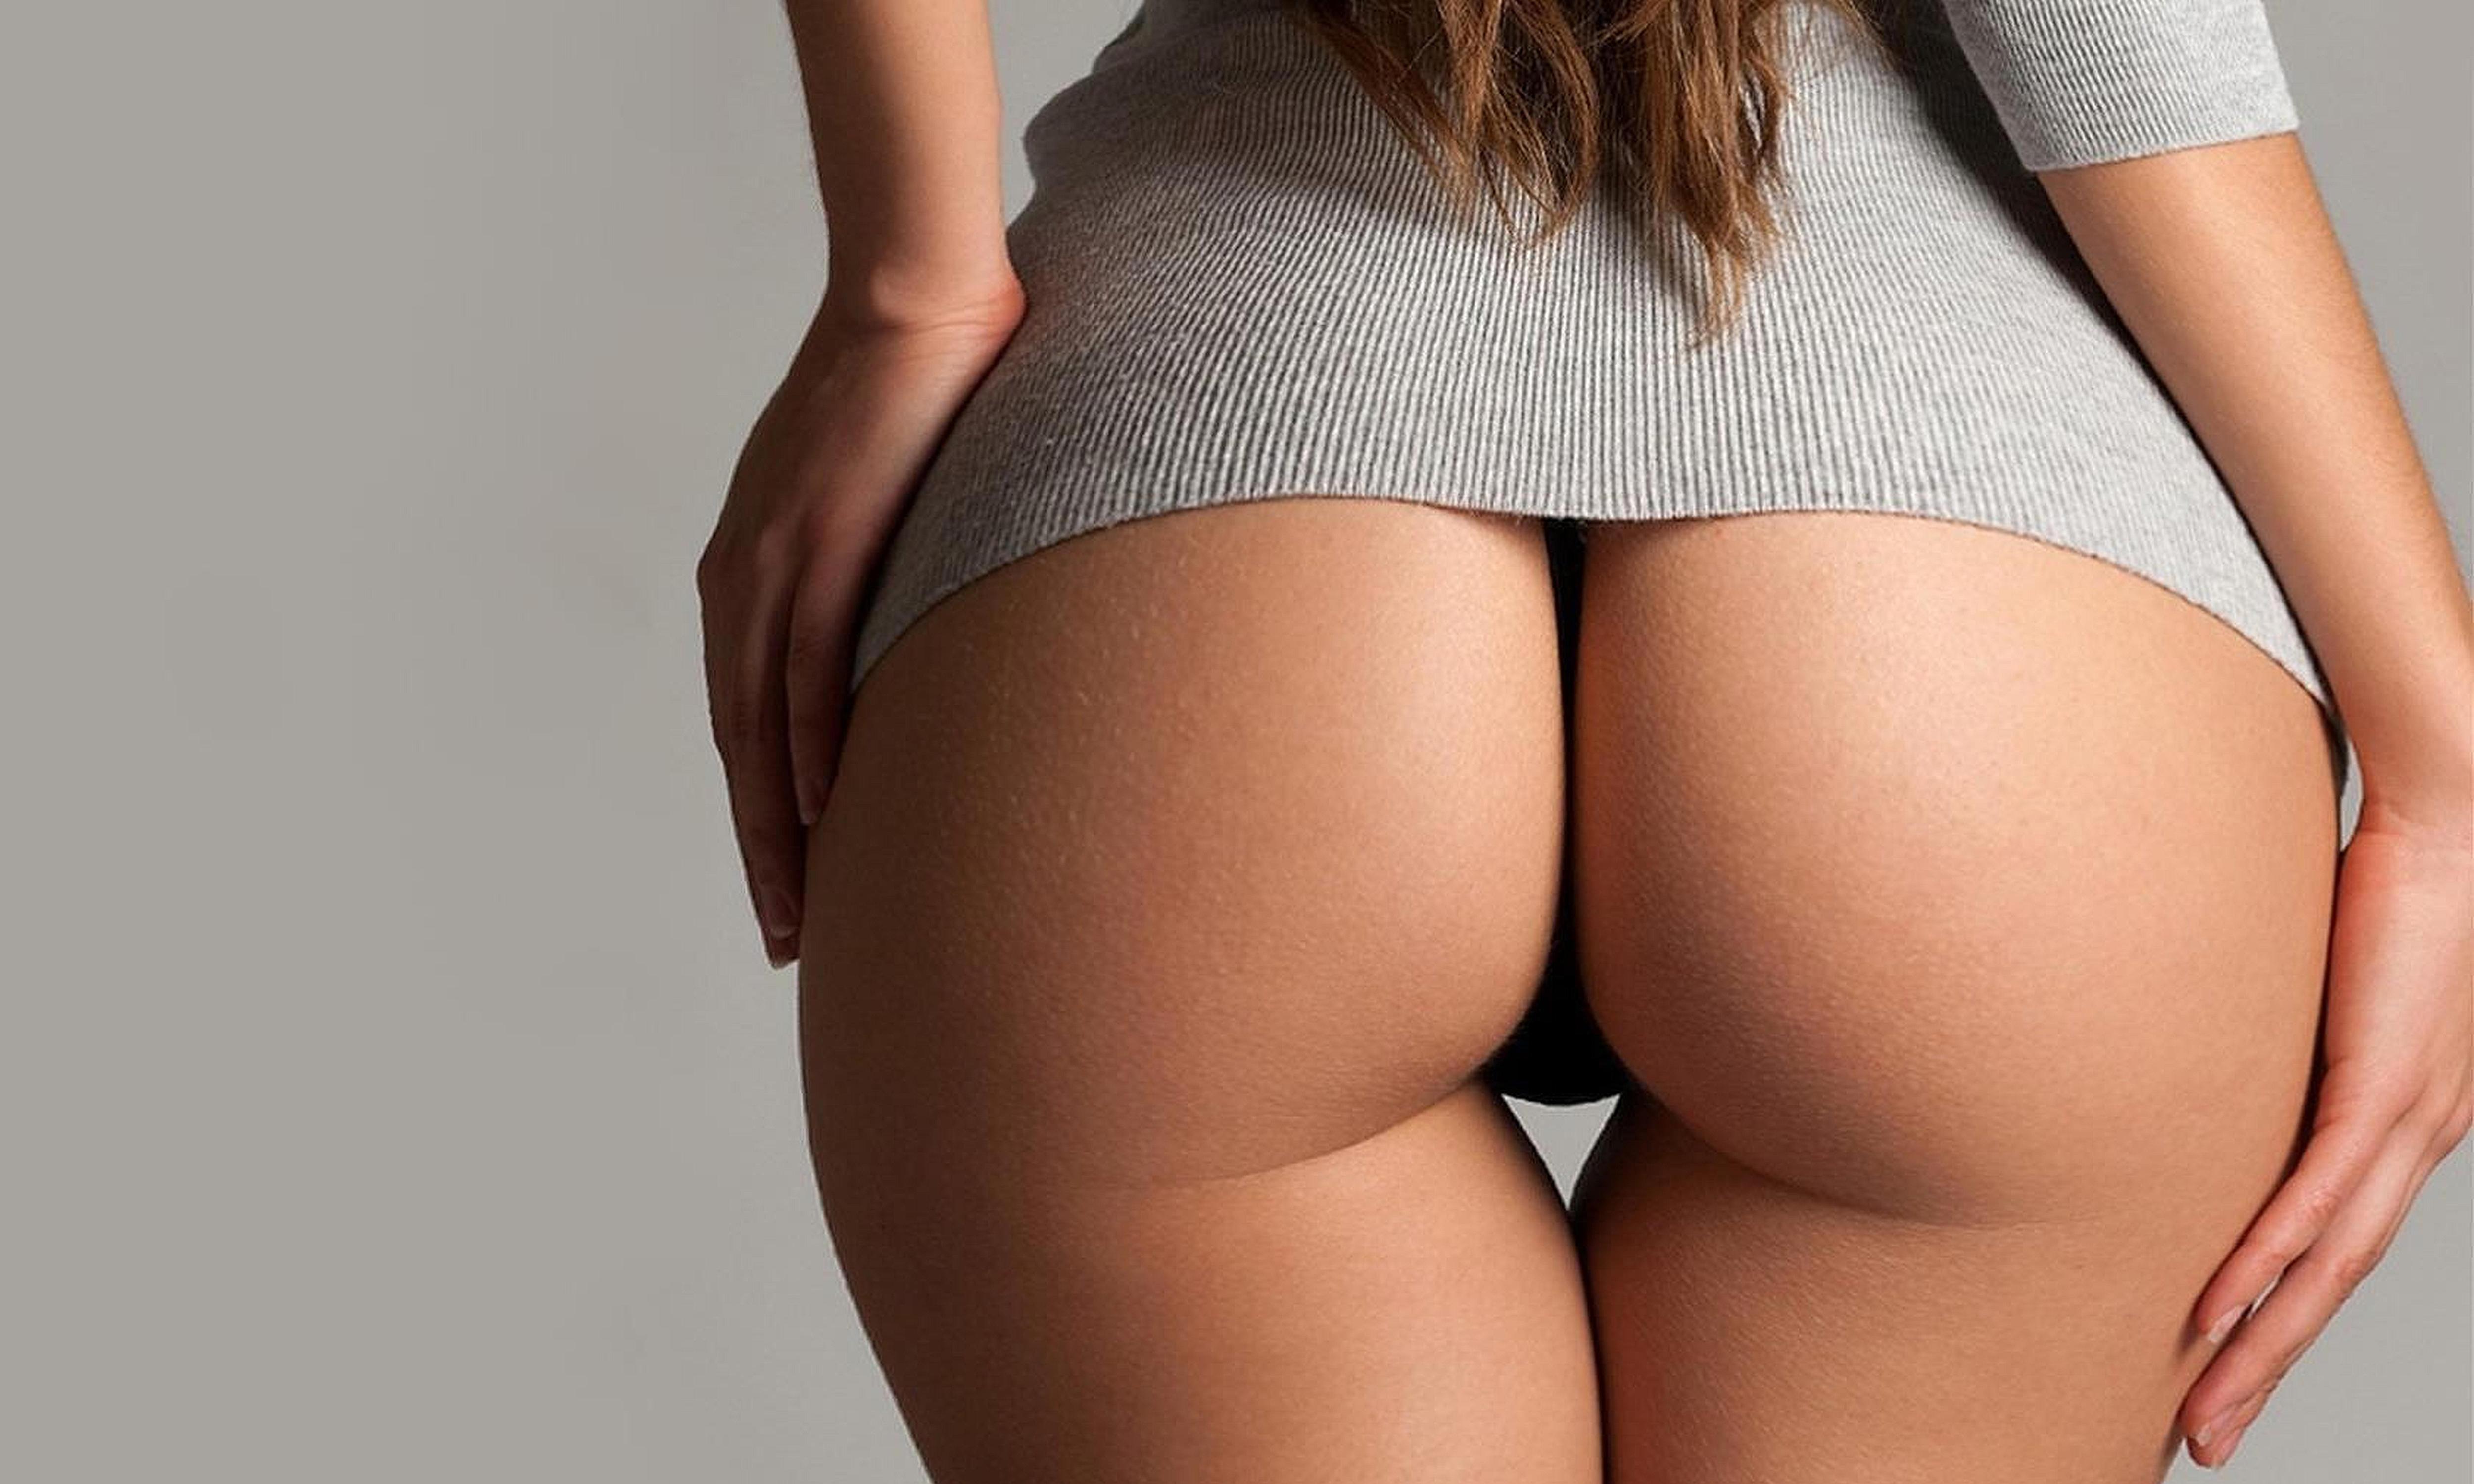 ass arse butt buttocks rear bum rump fanny cunt vagina